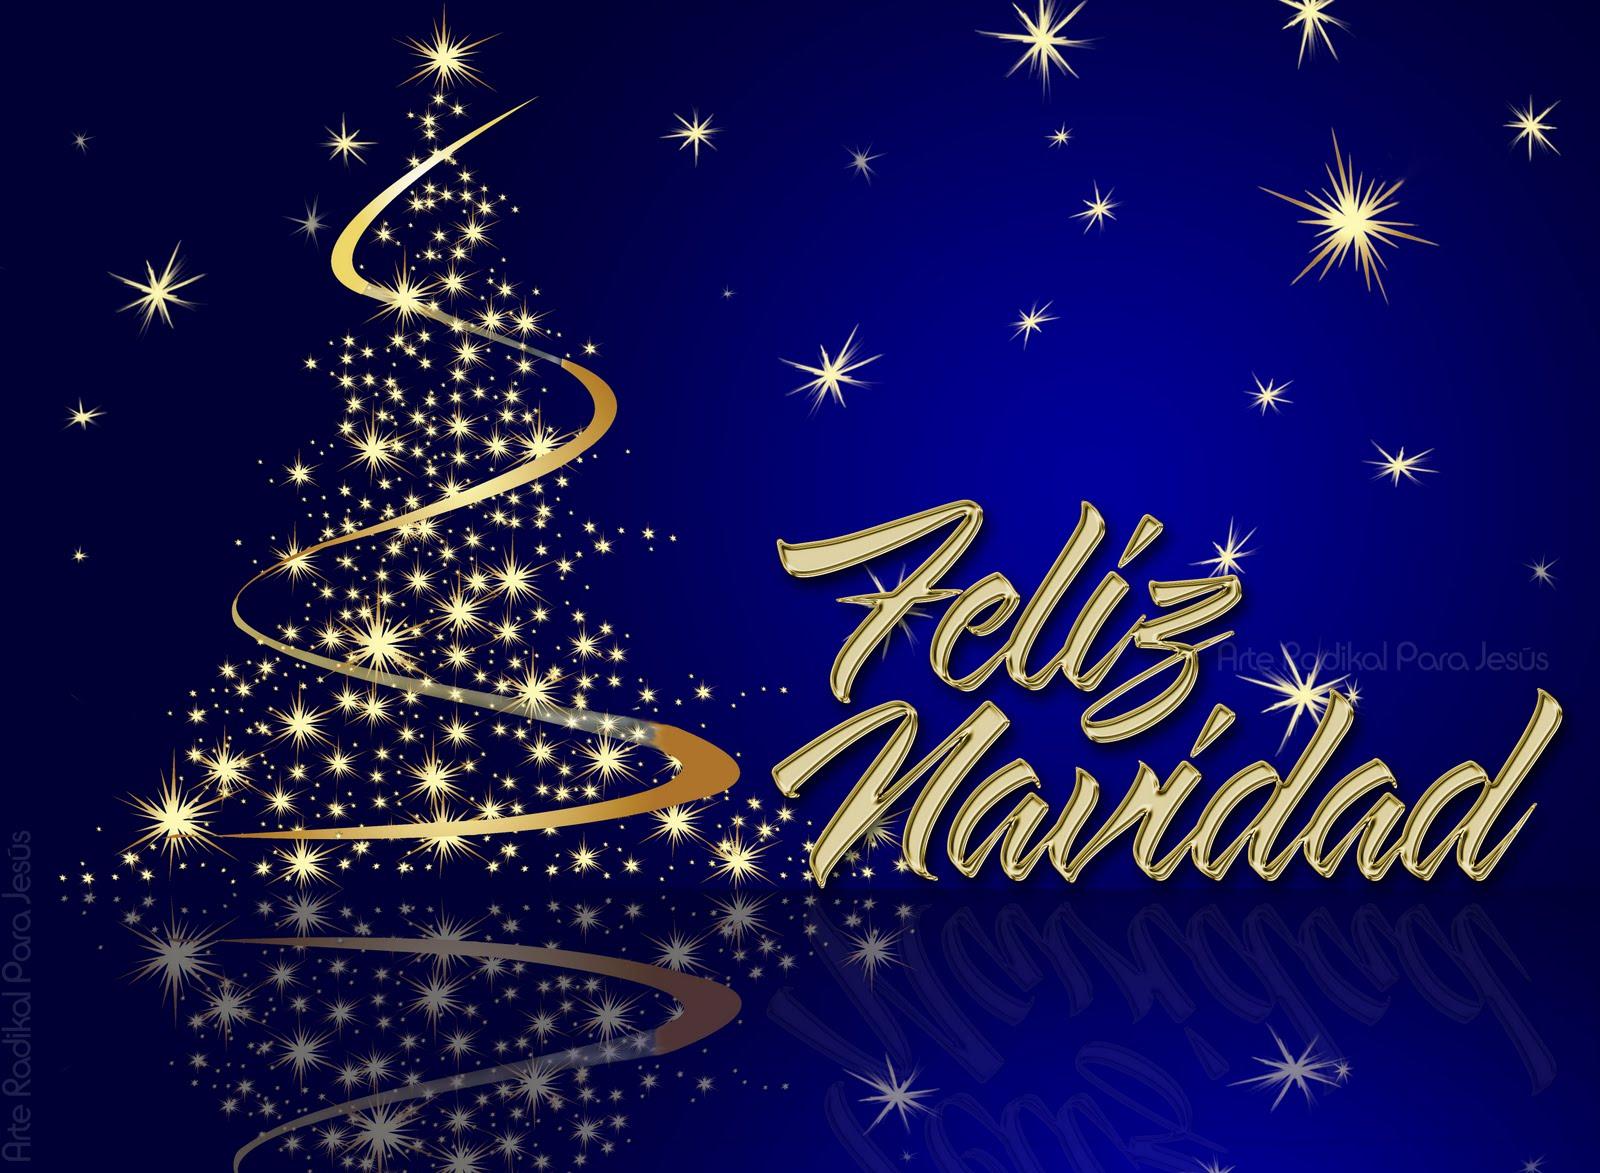 Arte radikal para jes s wallpaper de navidad - Deseos de feliz navidad ...